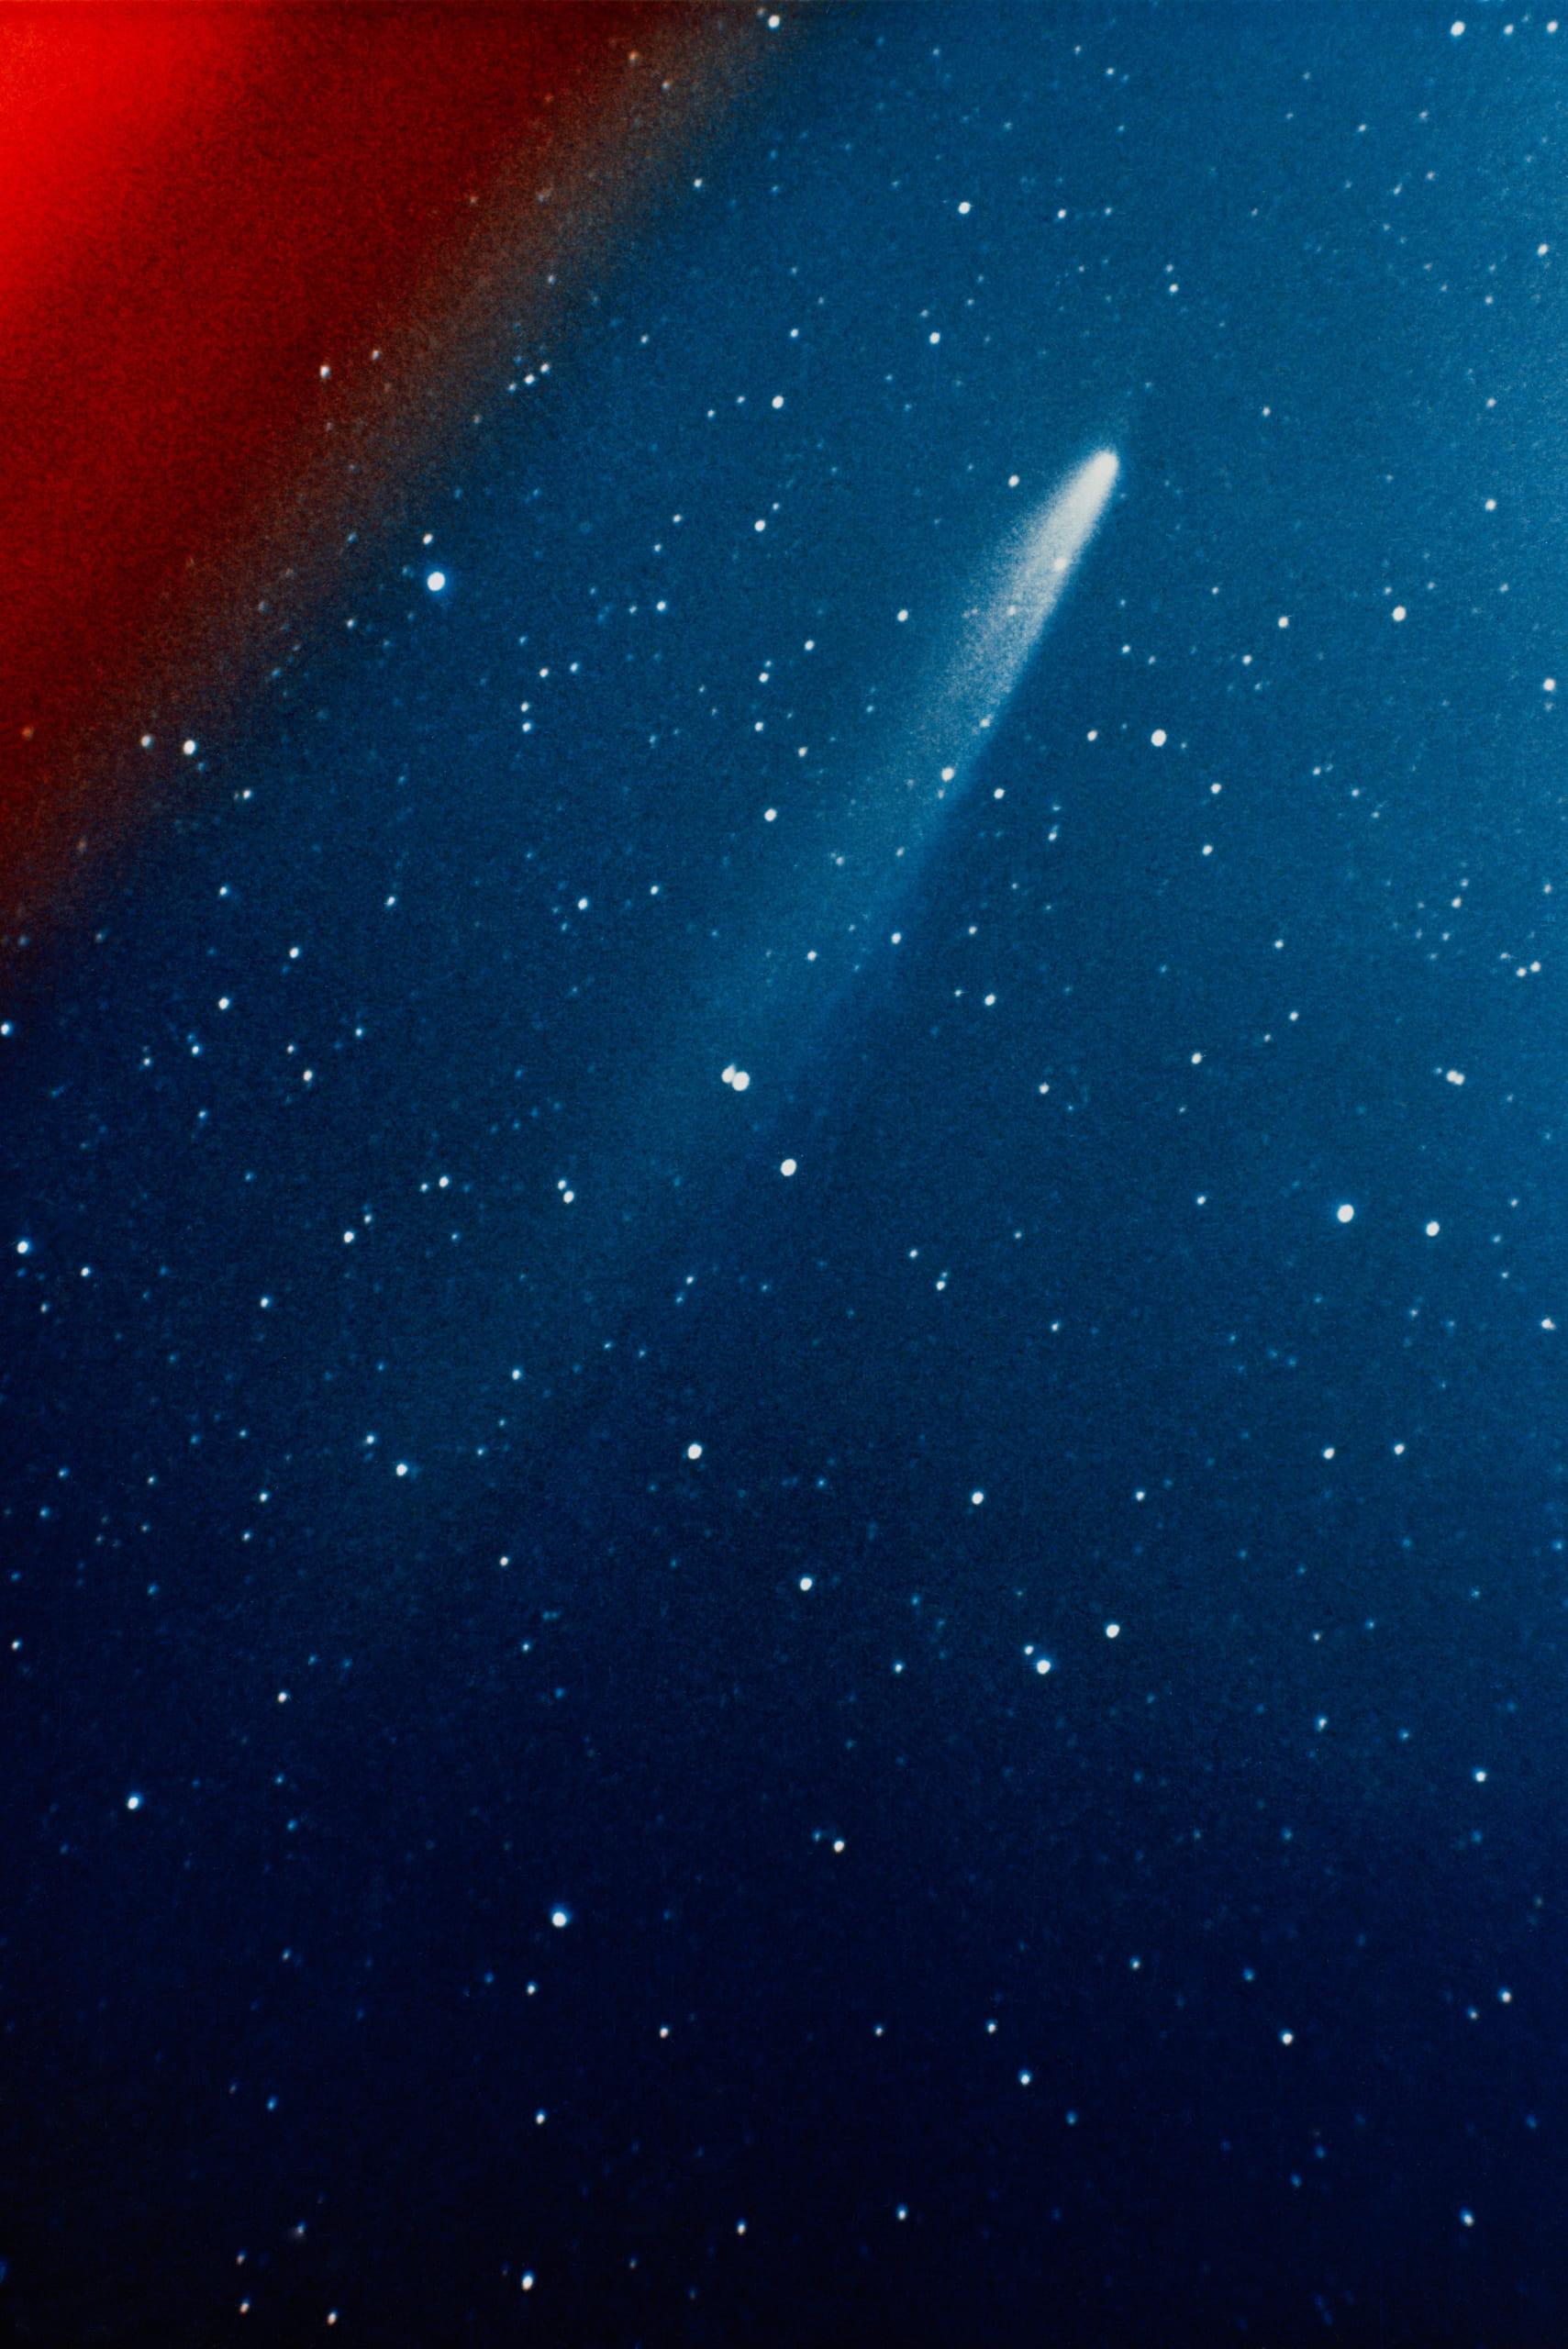 夏休み、8月中ごろに見られる流星群と大彗星や流星群と人類の歴史の話【自由研究のヒント③】